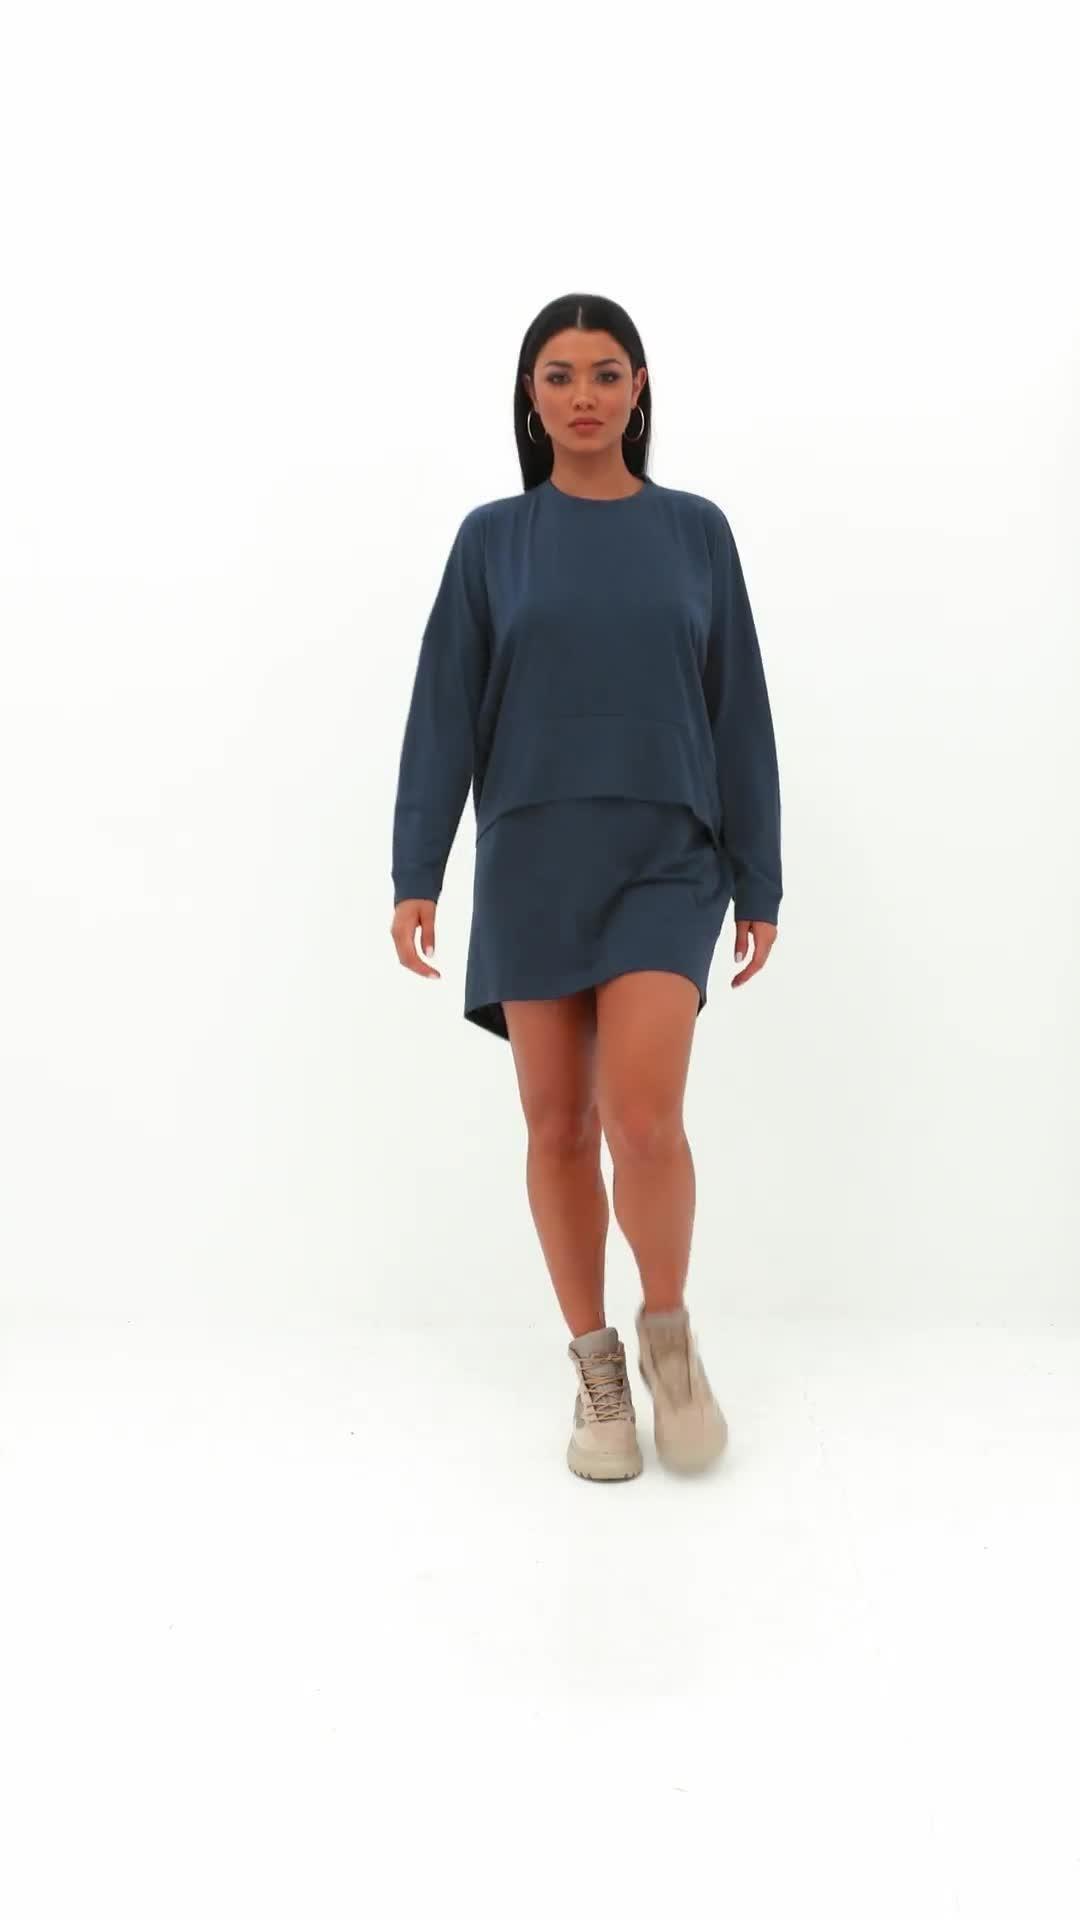 bd3d6f7181b36 ... Navy Oversized Jersey Overlay T Shirt Dress - Lyst. View fullscreen